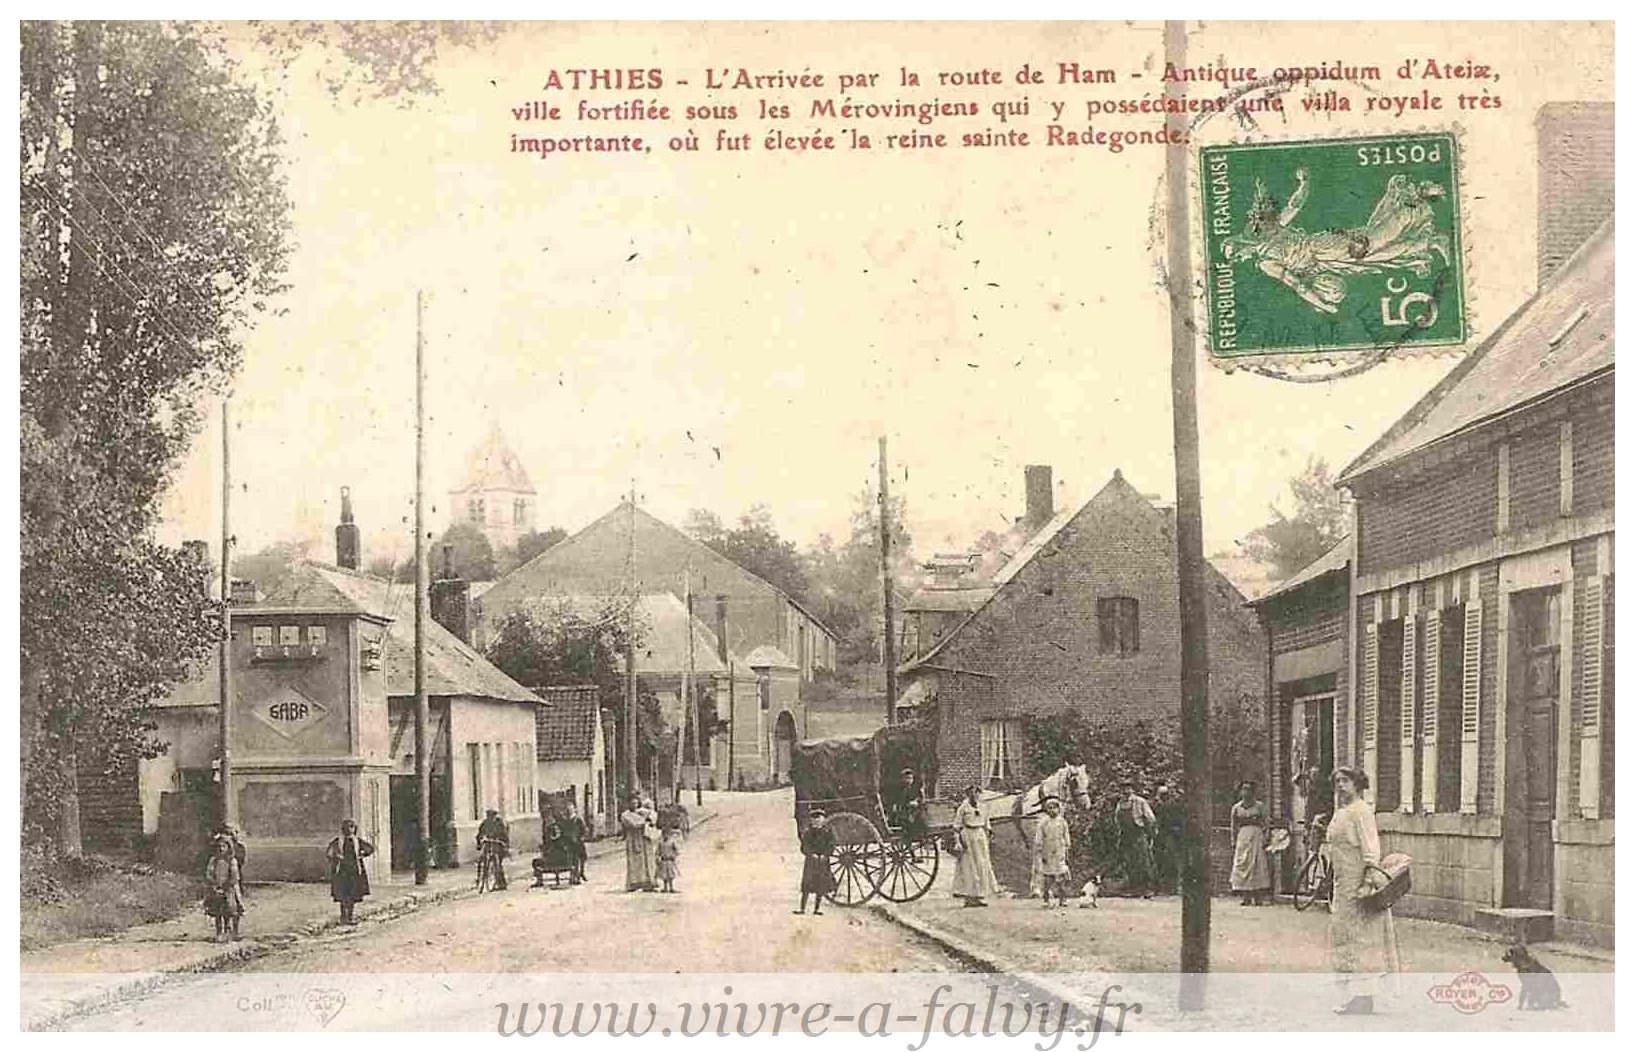 ATHIES - Arrivée par la route de HAM